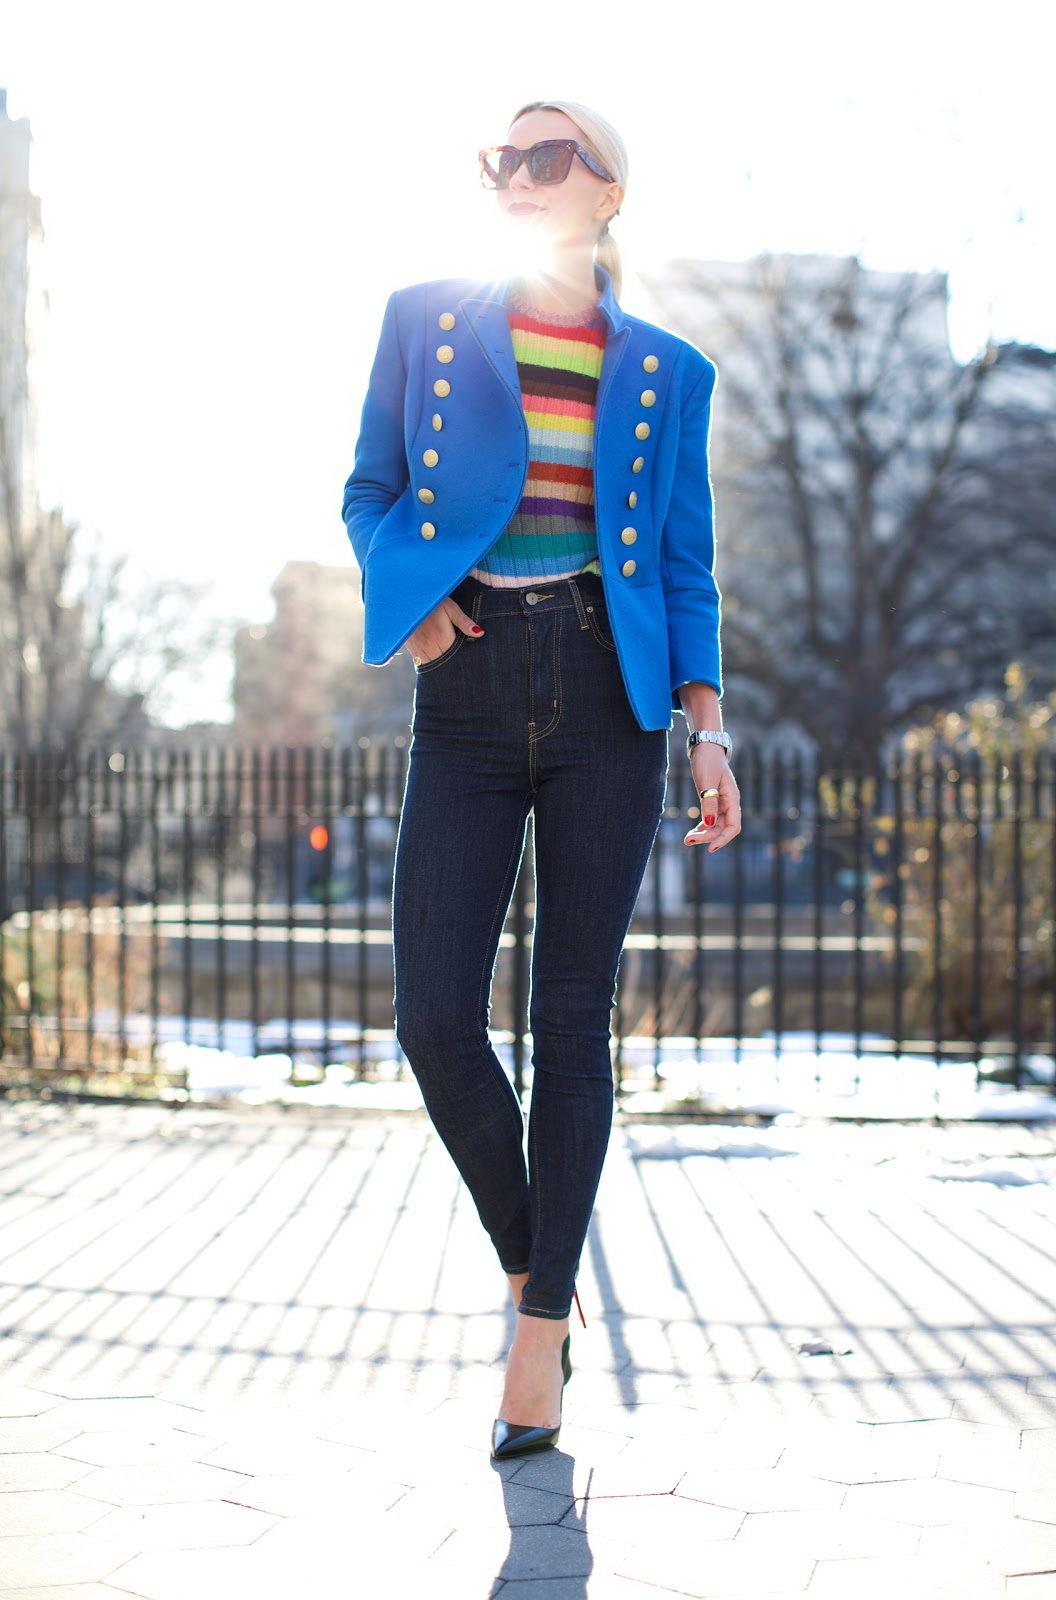 High Waist Jeans - Kasual Outfit für den Frühling